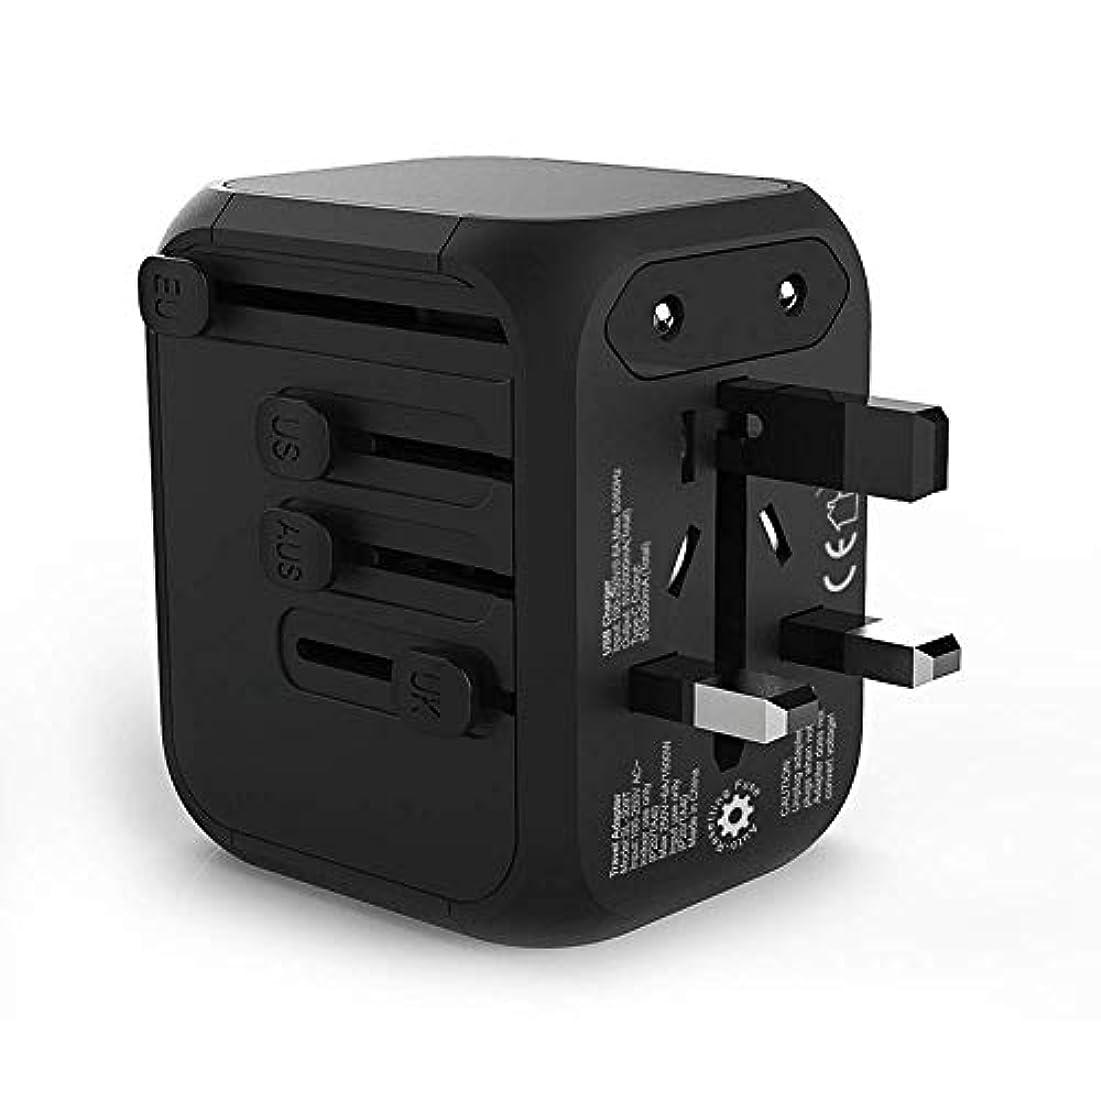 くちばしテレビ出力USB充電器プラグ、各国用ソケット穴、ウォールチャージャー、5.0A、1Type-c、3ポートUSBプラグ充電器、iOS、iPad、タブレット、パワーバンク、ホーム、オフィス、ブラック用